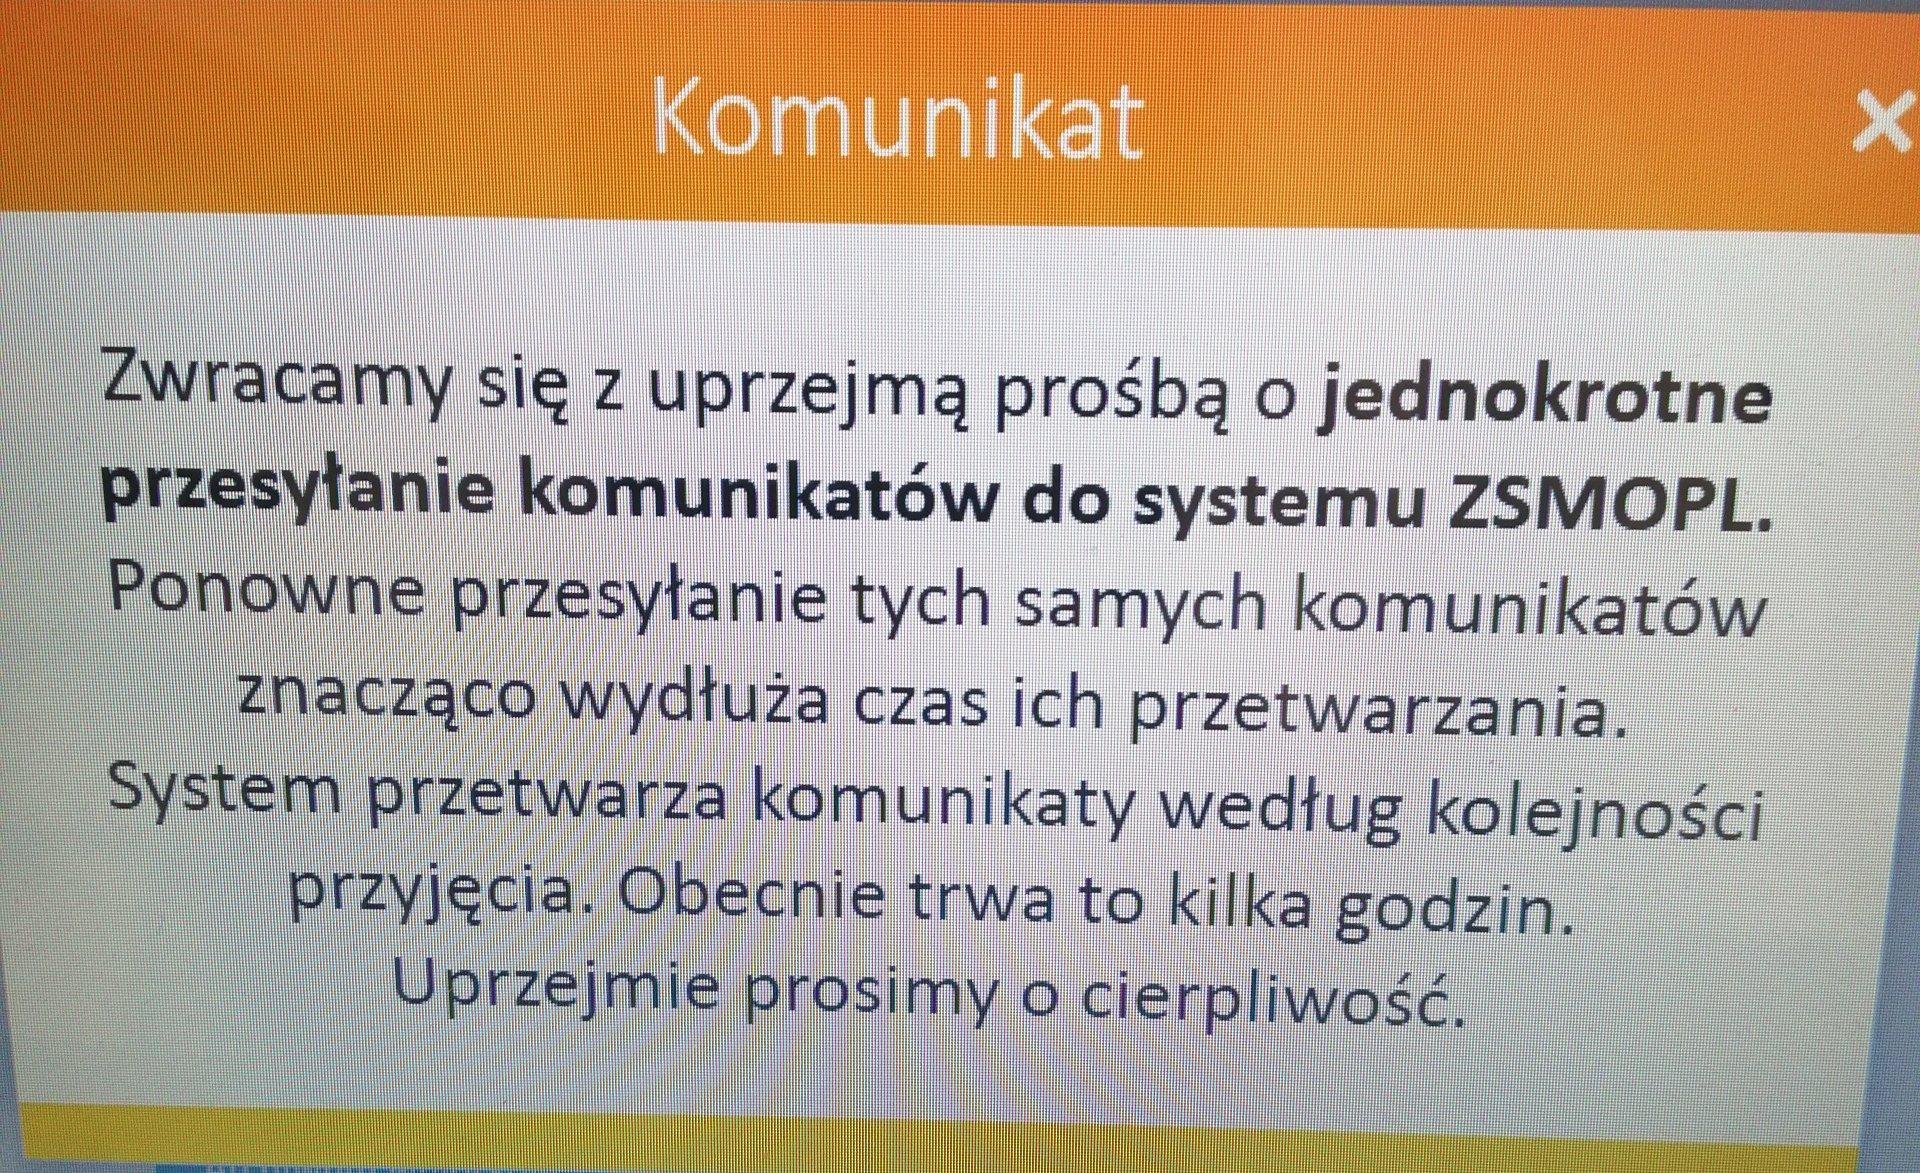 System od jakiegoś czasu wyświetla informację, z prośbą o jednokrotne przesyłanie komunikatów do ZSMOPL (fot. Twitter @KamilEf2)